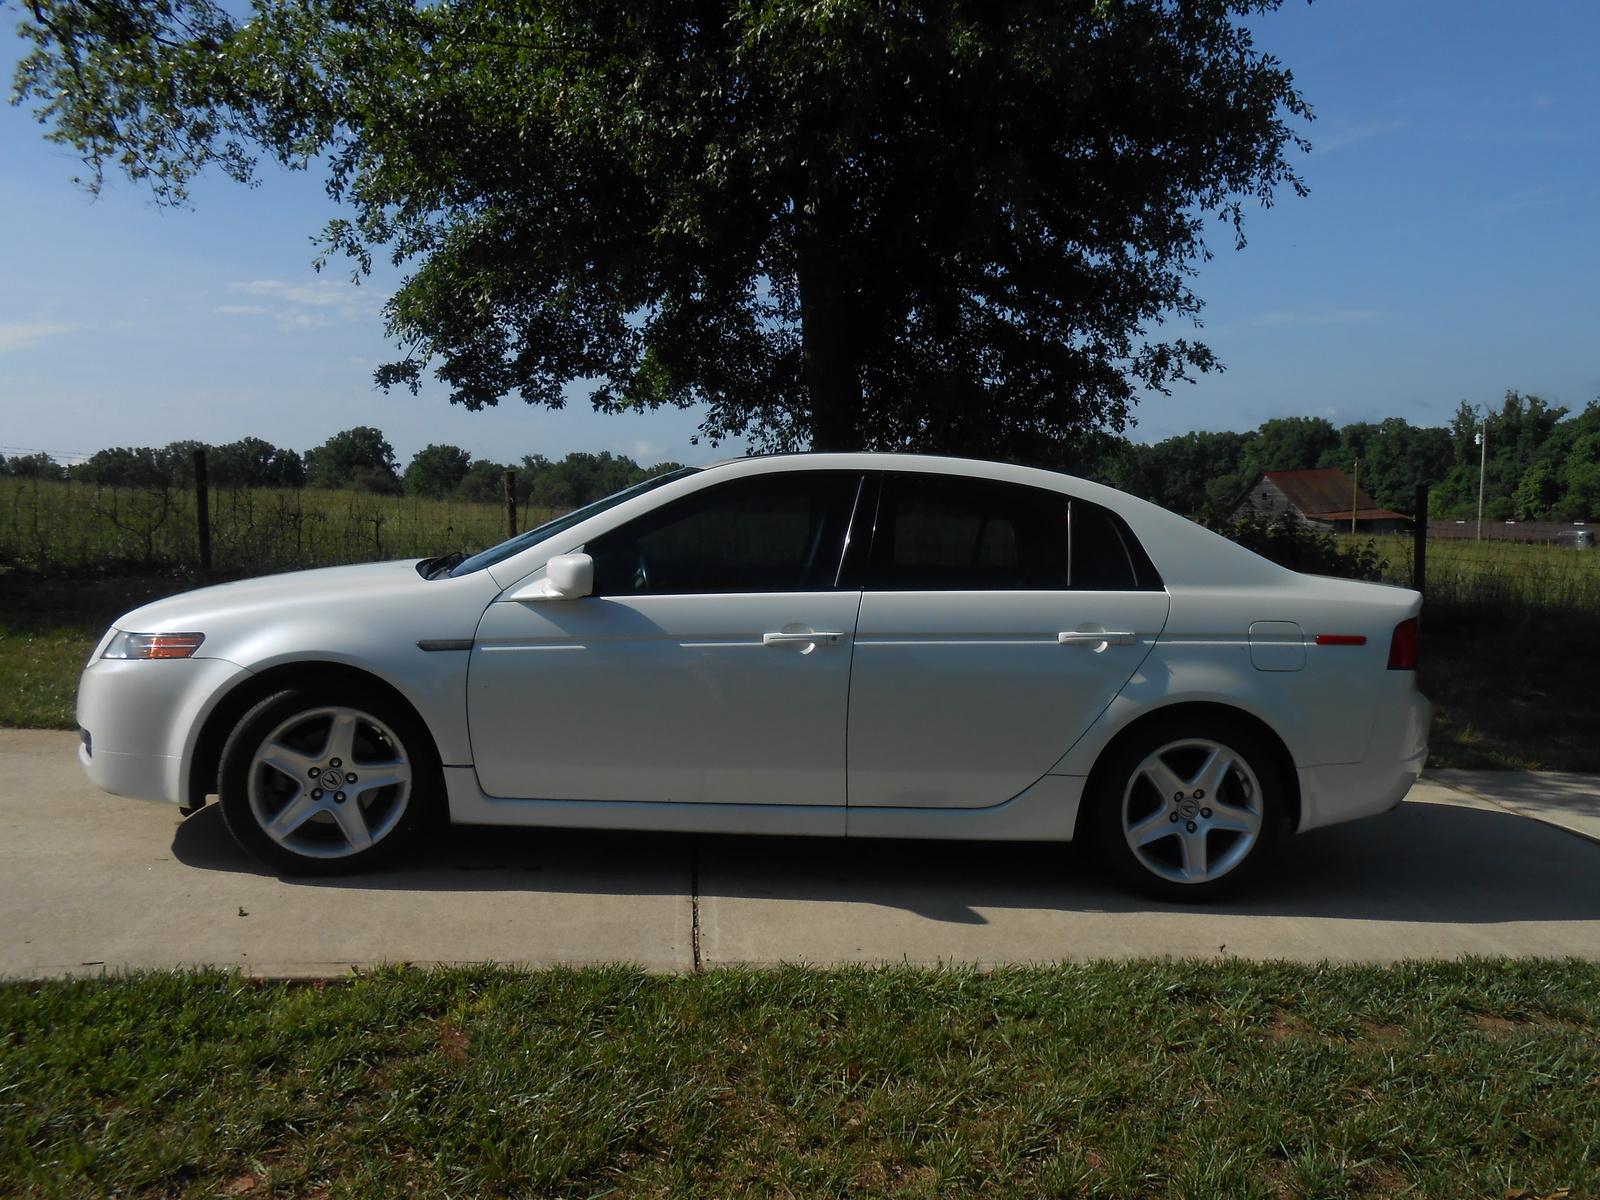 2006 Acura Tl Pictures Cargurus